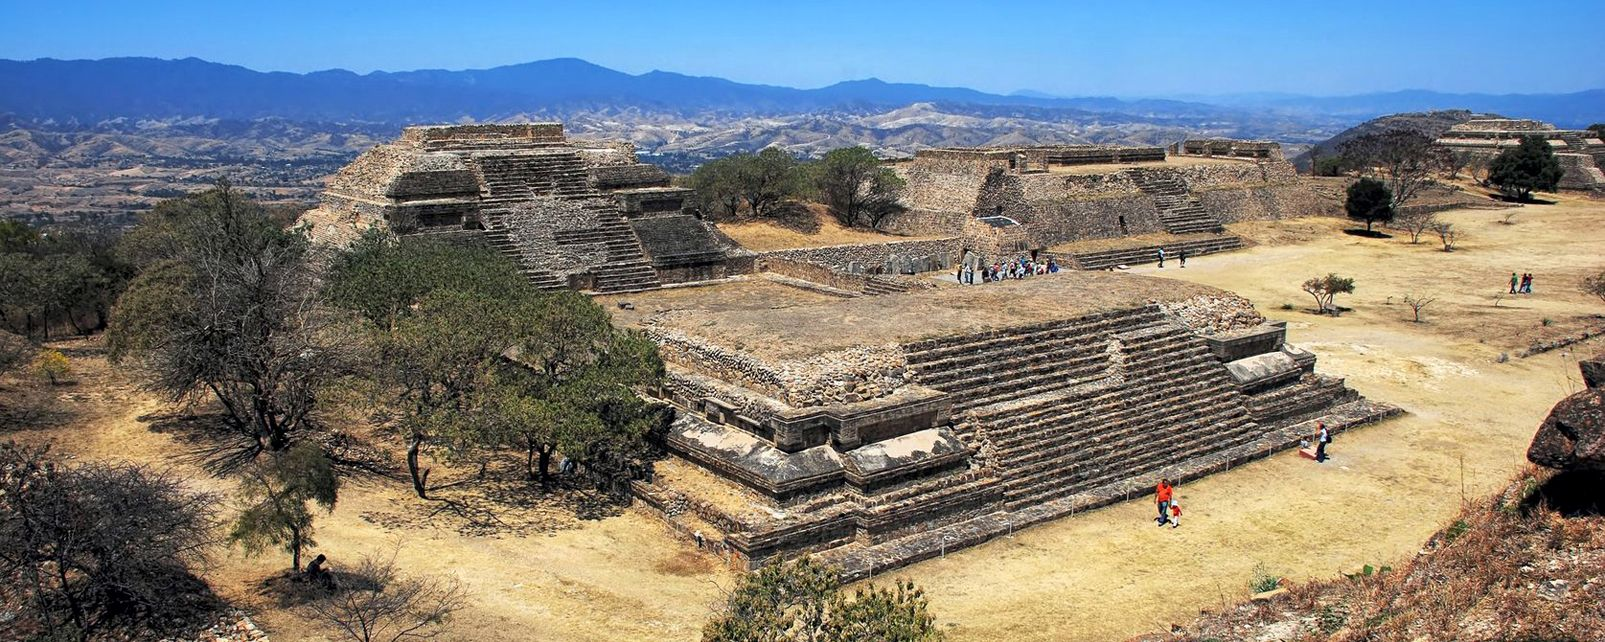 Les sites, Mexique, Monte alban, amérique, amérique du nord, maya, archéologie, vestiges, temple, zapotèque